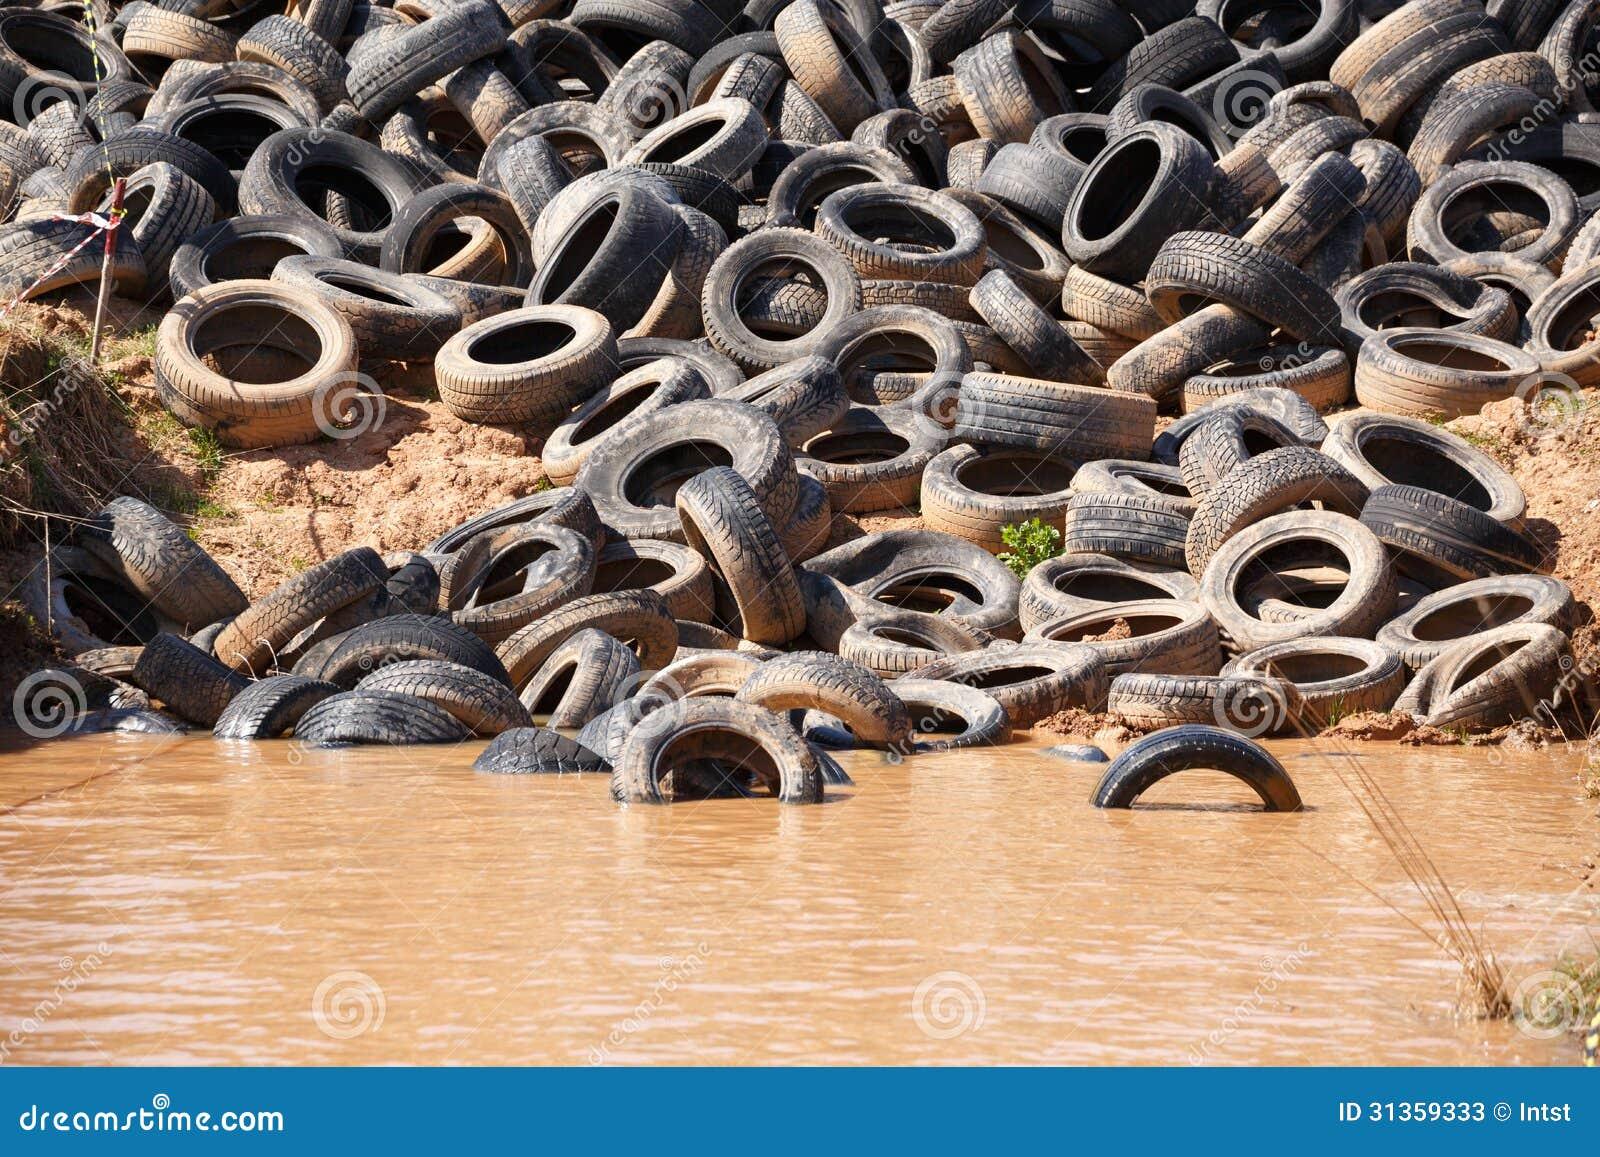 Dumped old car tires